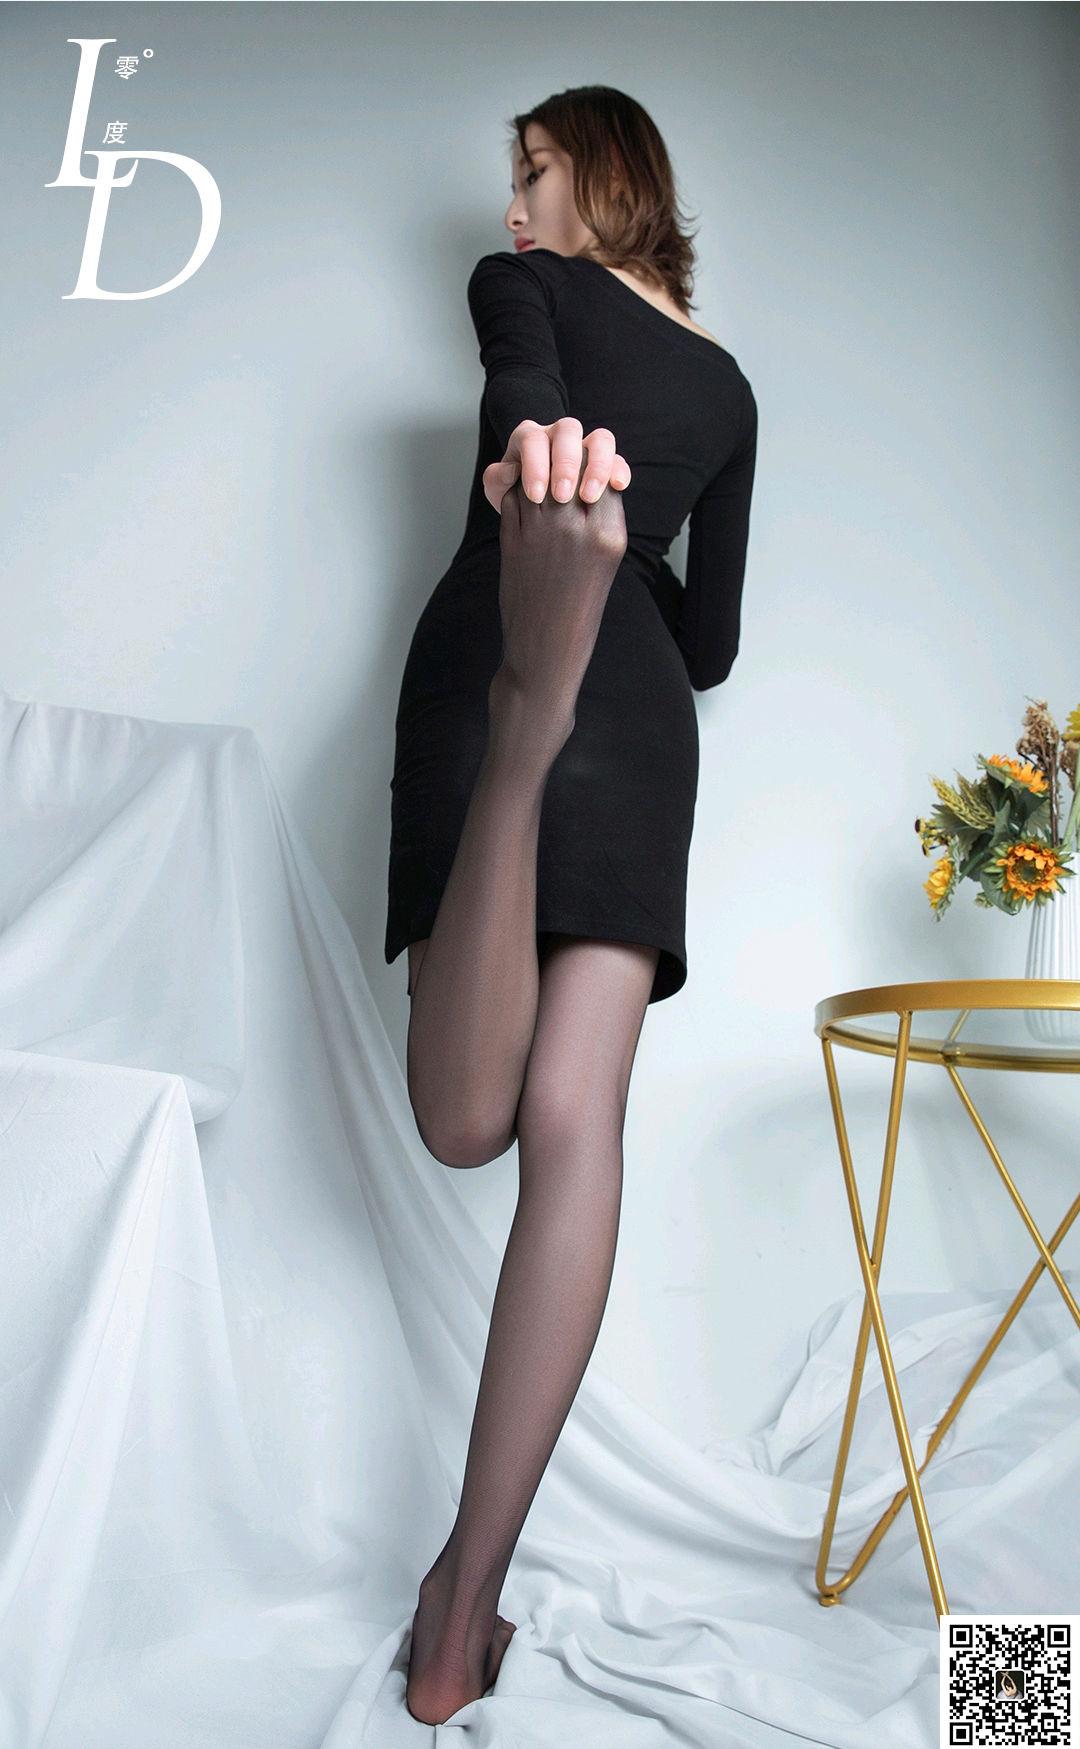 VOL.240 [LD零度]黑丝美腿:小燕子高品质写真套图(65P)